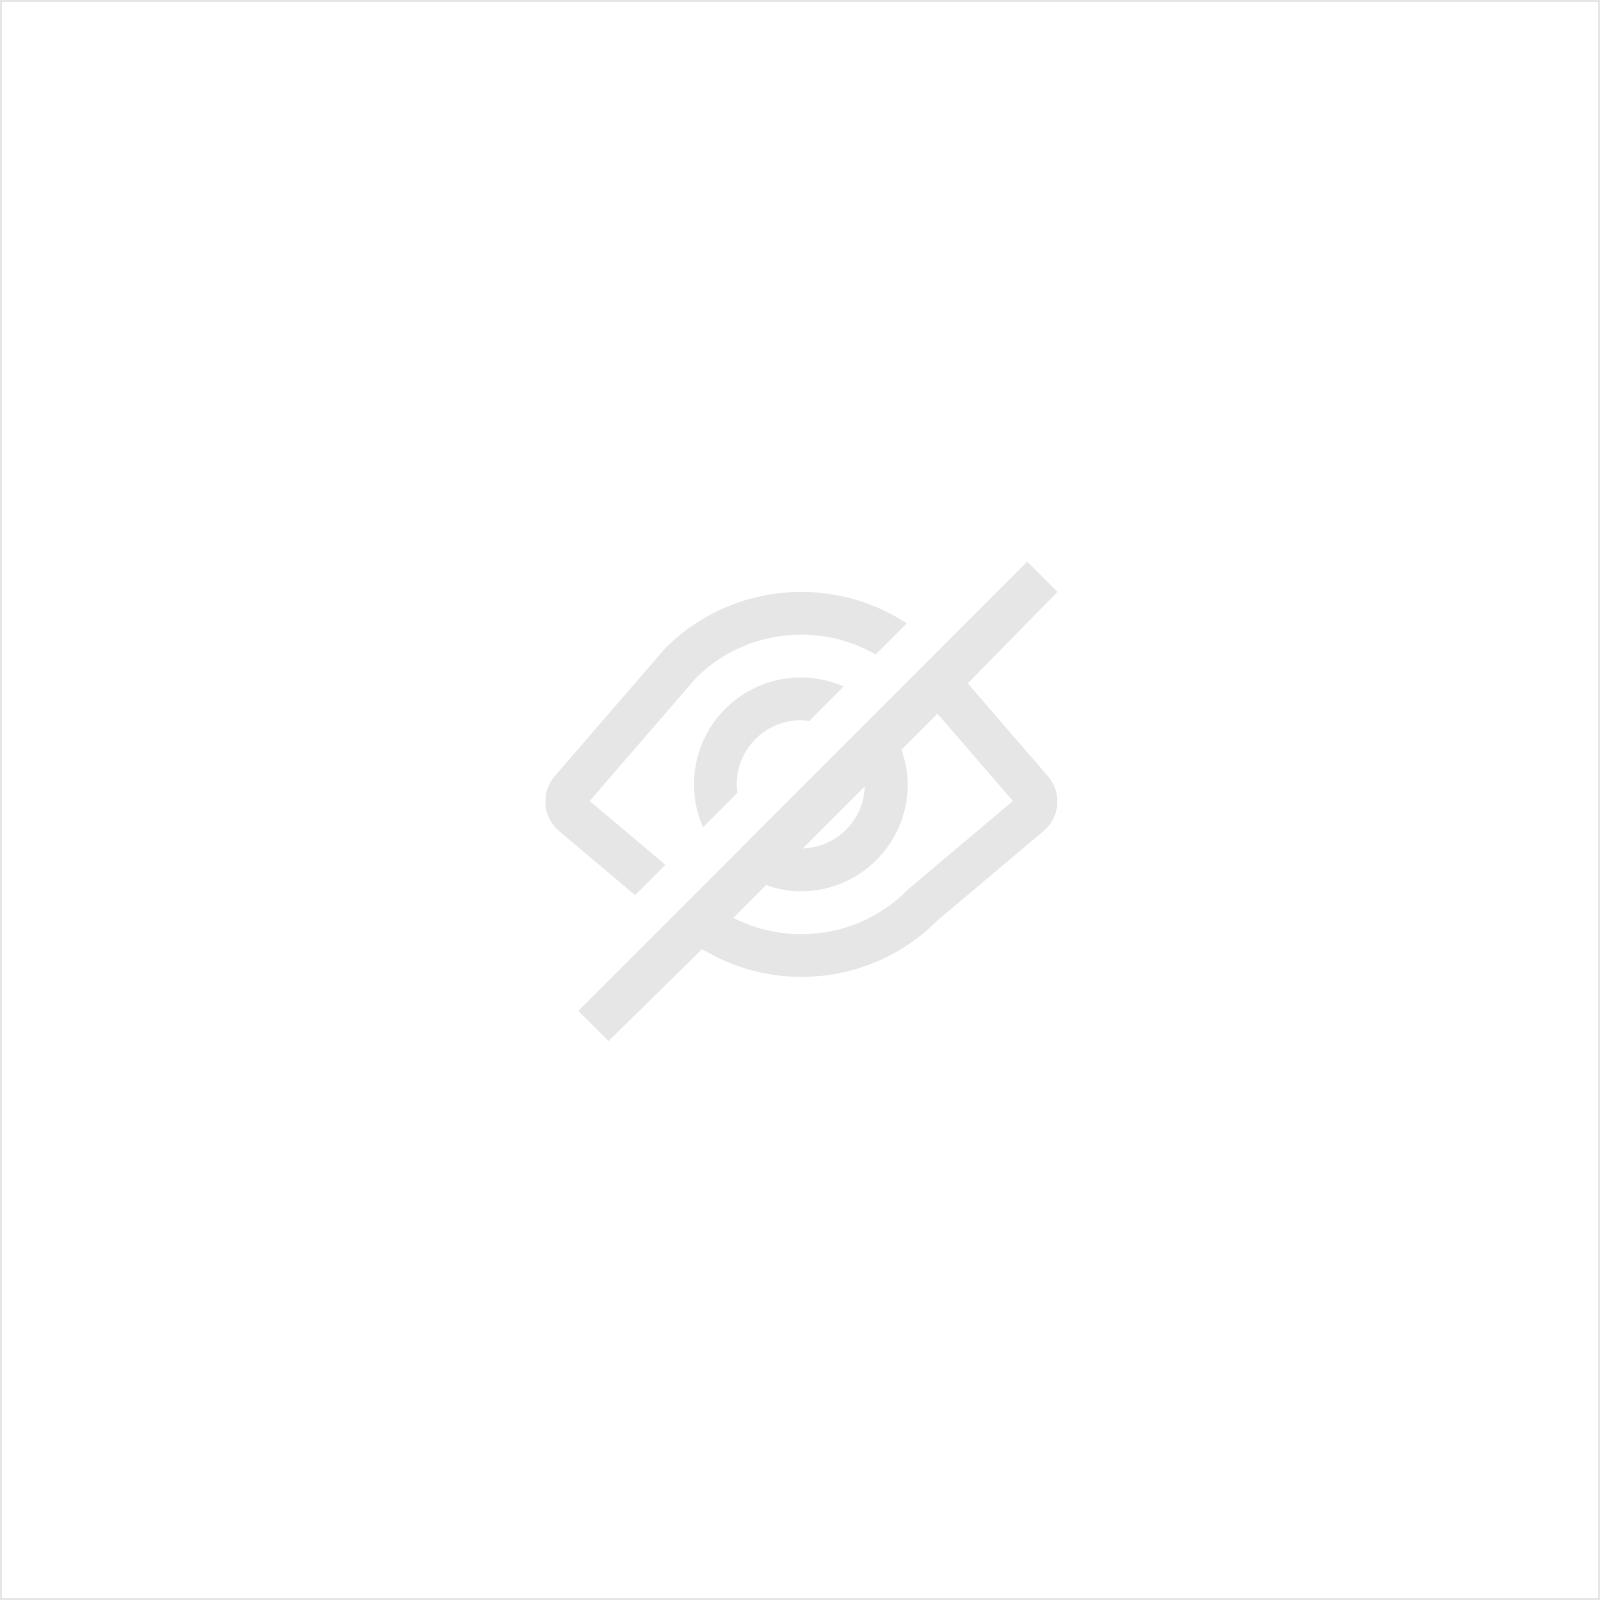 OPTIONEEL ROLPAAR VOOR BOORD EN LIJSTMACHINE 24 MM